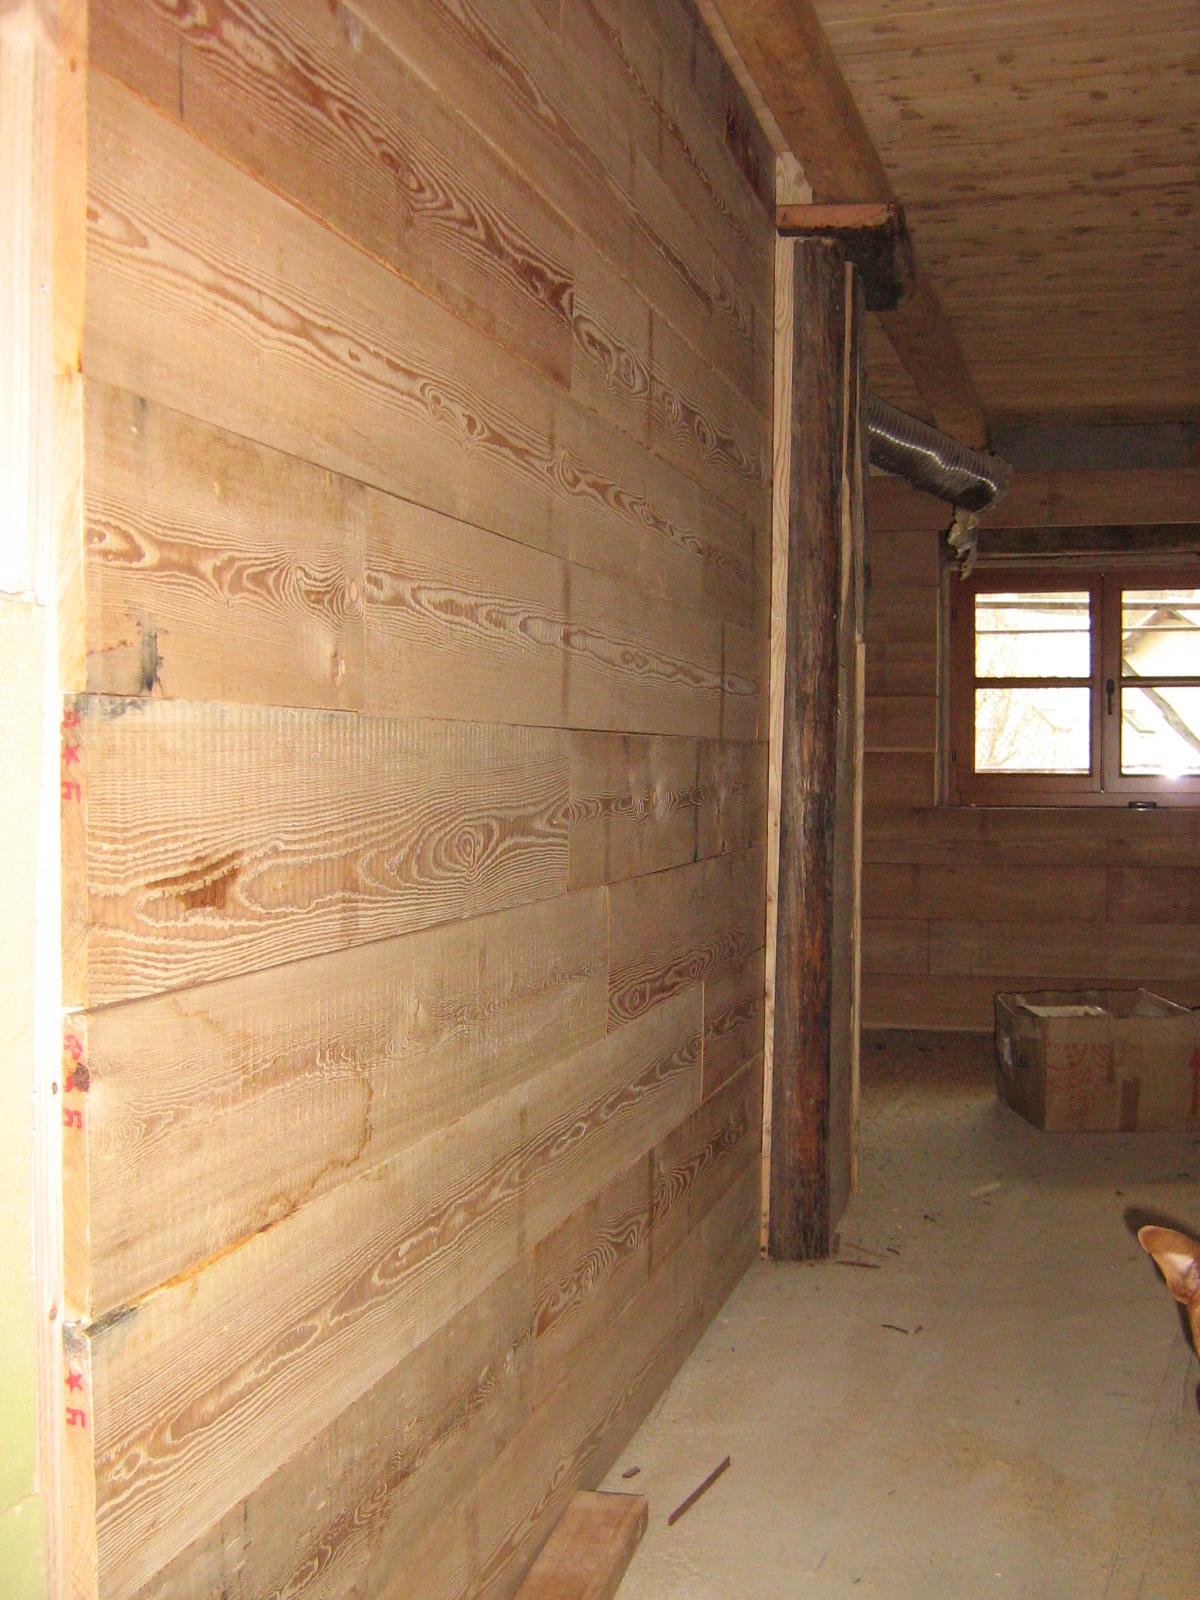 Fuoco ferro legno interni della grangia - Rivestimenti legno interni ...